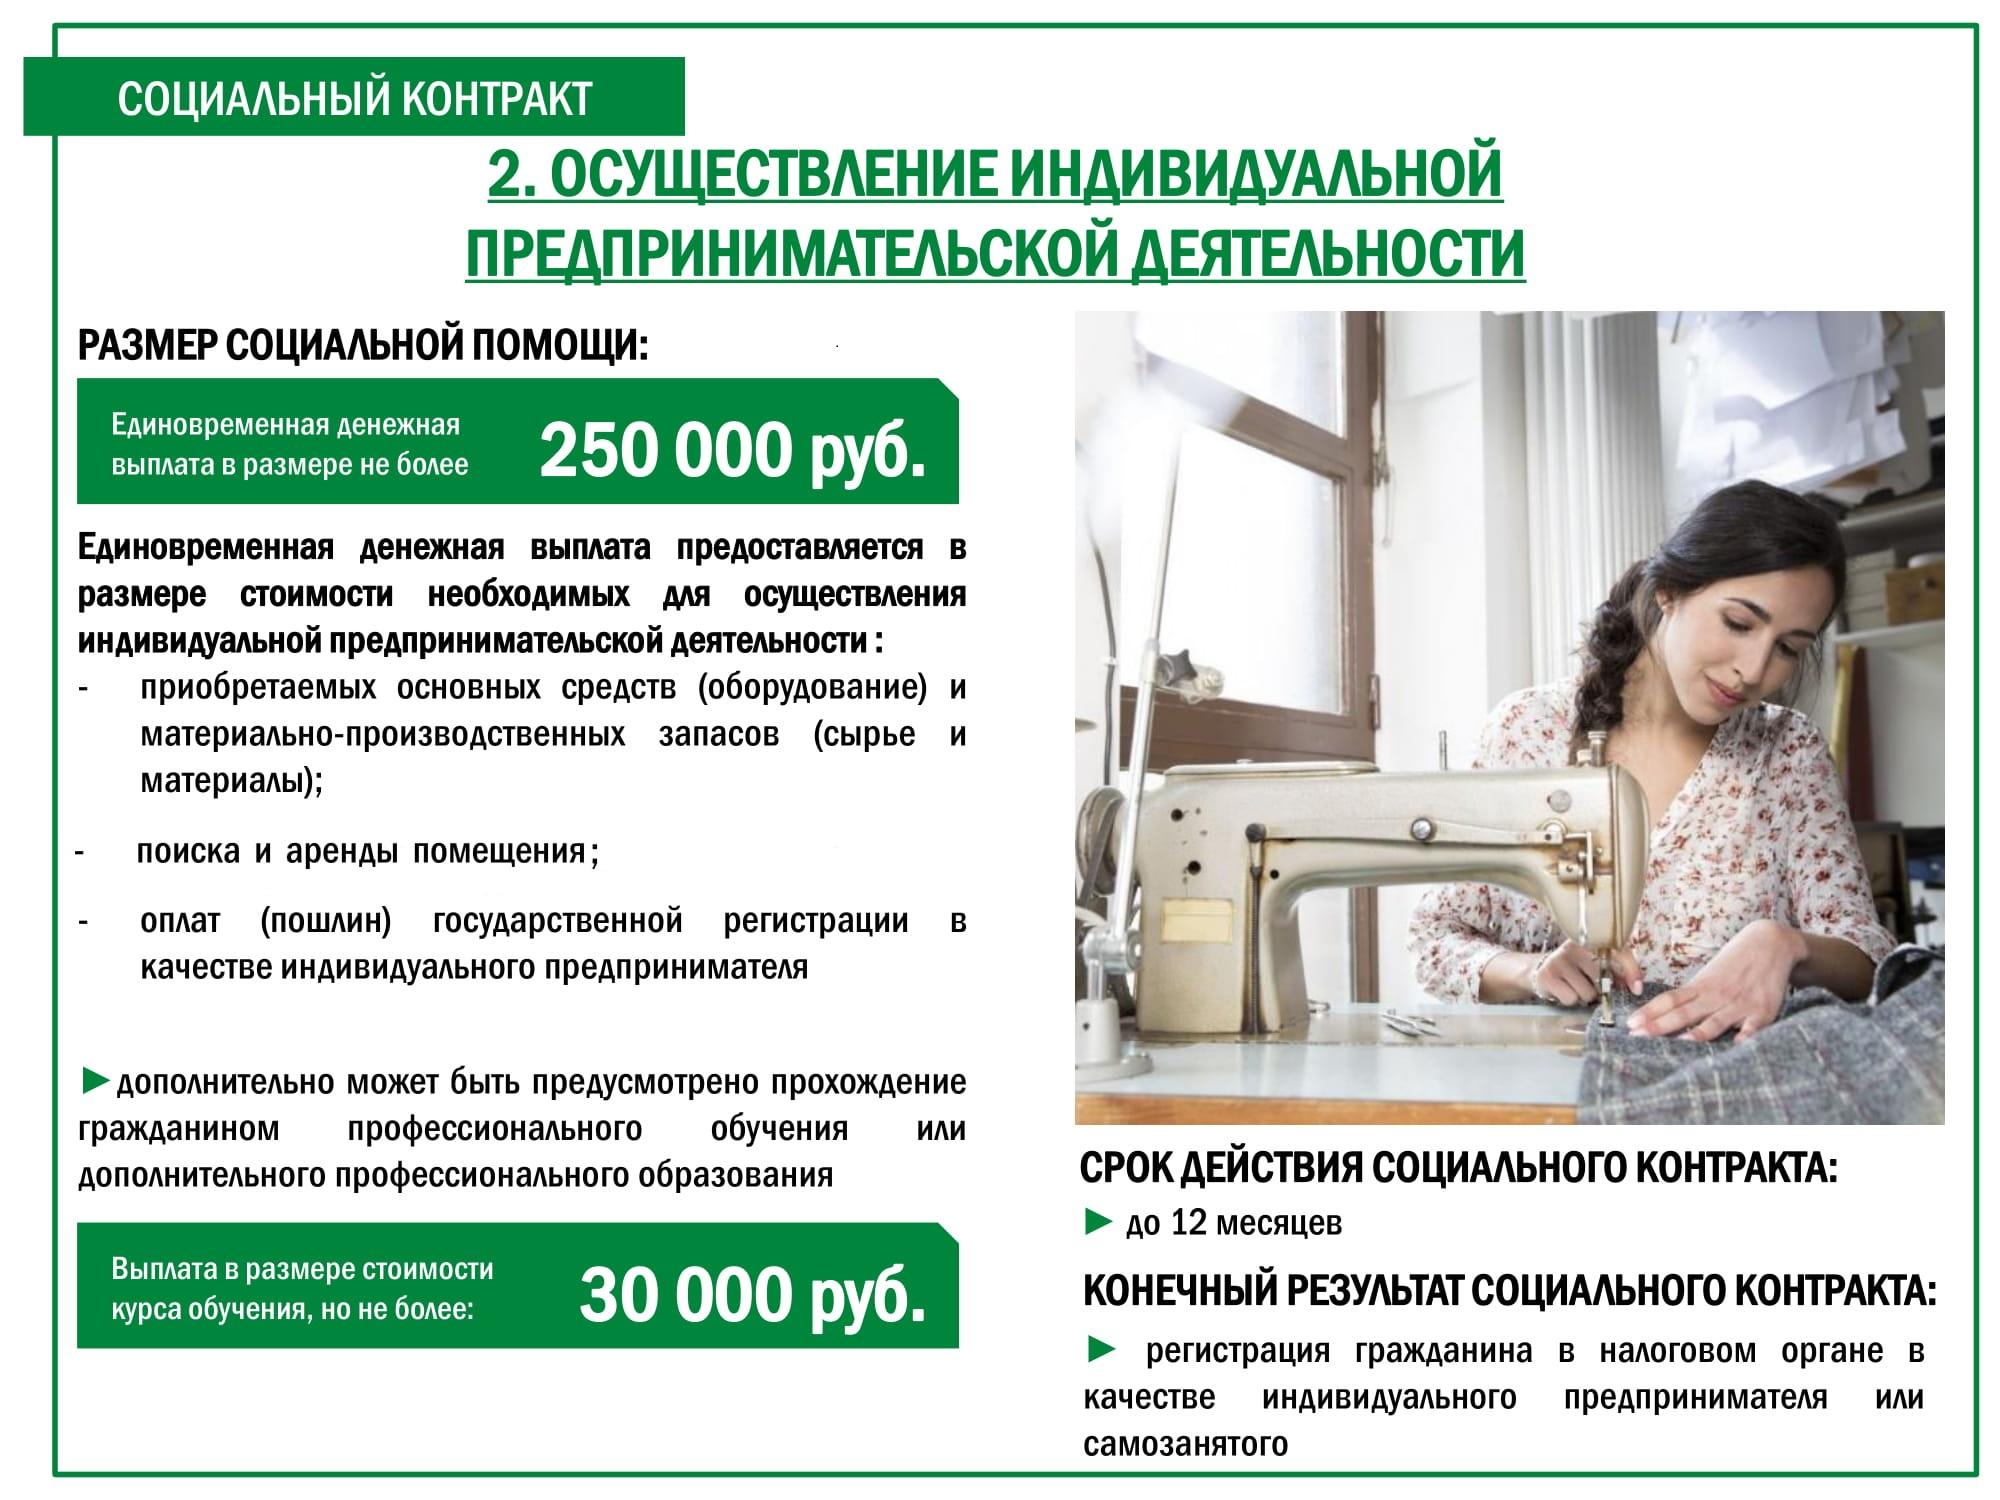 socialnyy_kontrakt_2021_dlya_publikacii-4